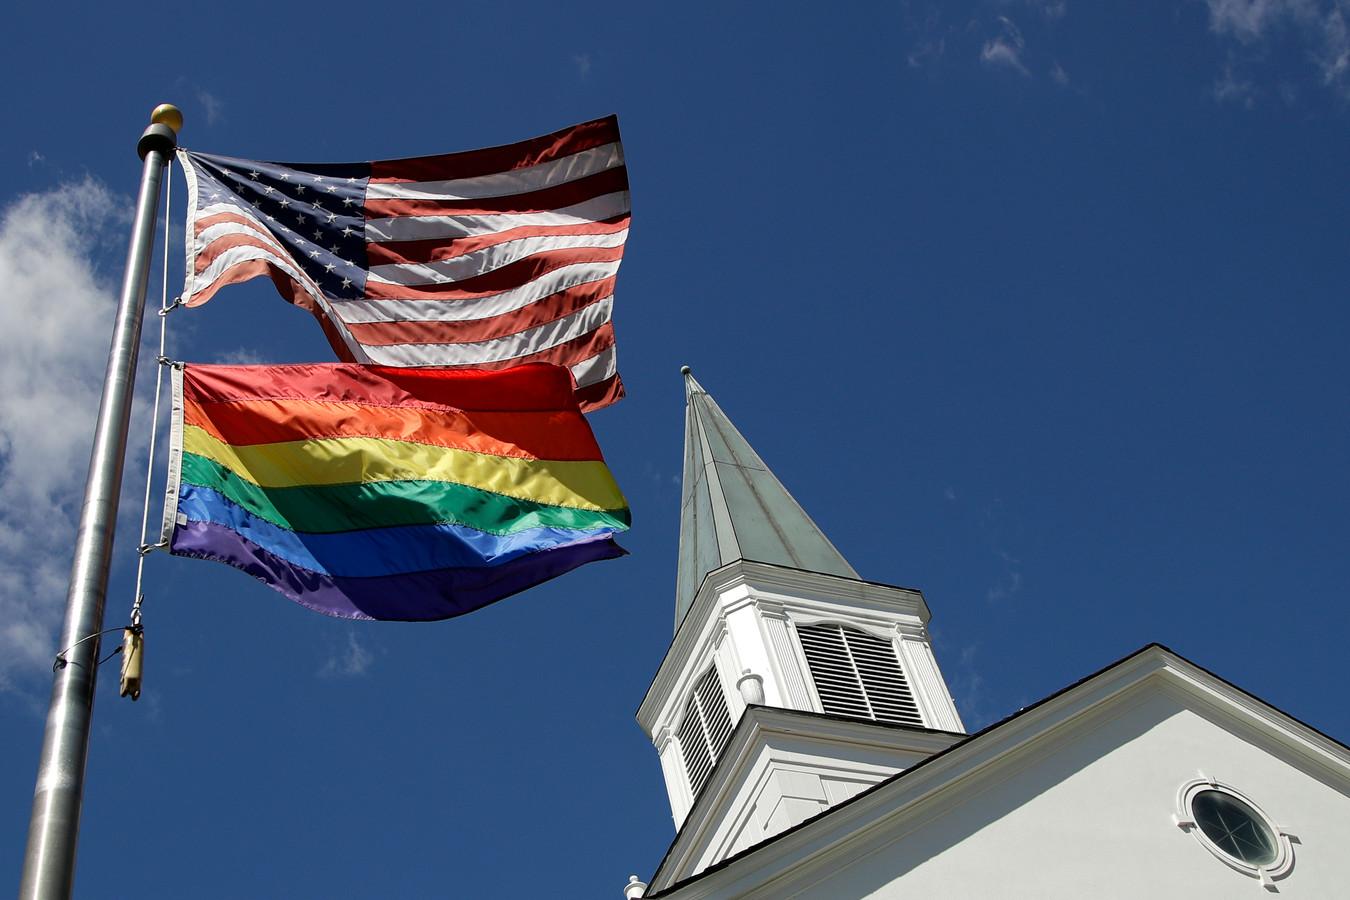 Een Amerikaanse vlag en een regenboogvlag voor een kerkje in de VS. De Trump-regering wilde zorgaanbieders toestaan om zorgverlening aan lhbt'ers te weigeren om religieuze redenen, maar daar heeft de rechter een stokje voor gestoken.